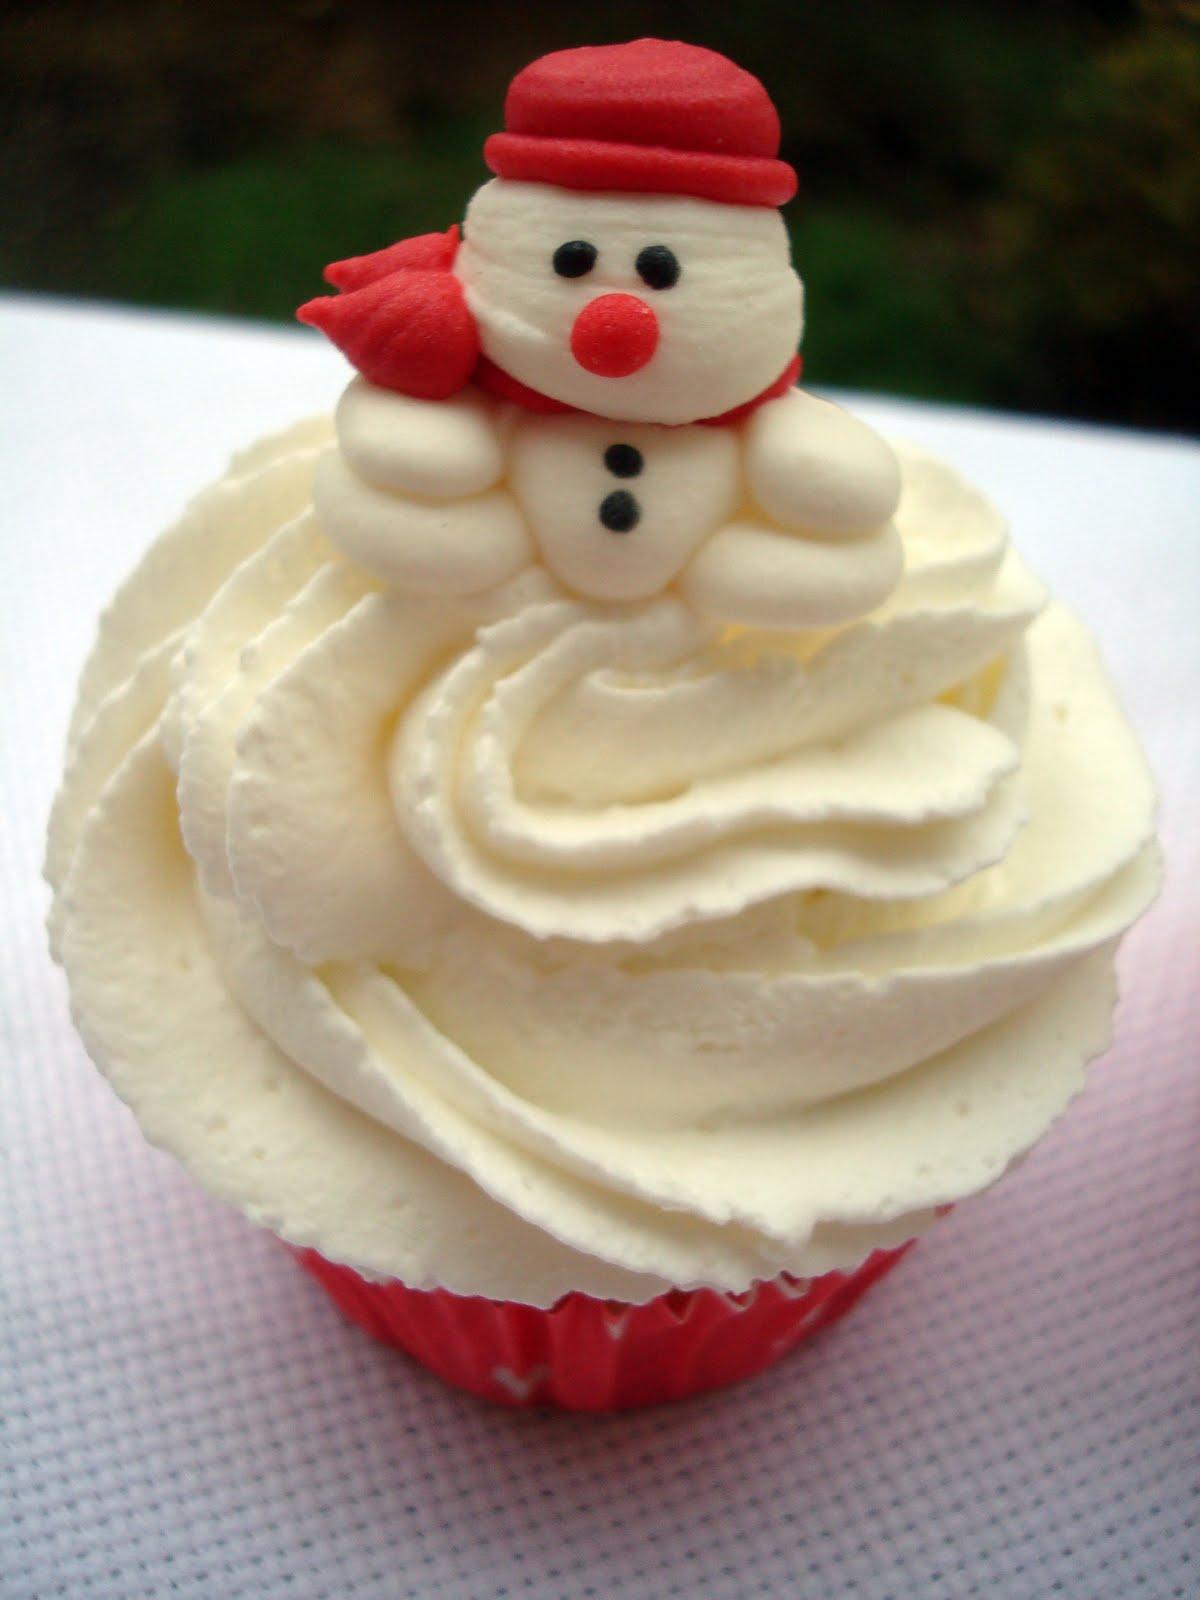 Objetivo cupcake perfecto la navidad llega al blog - Blog objetivo cupcake perfecto ...